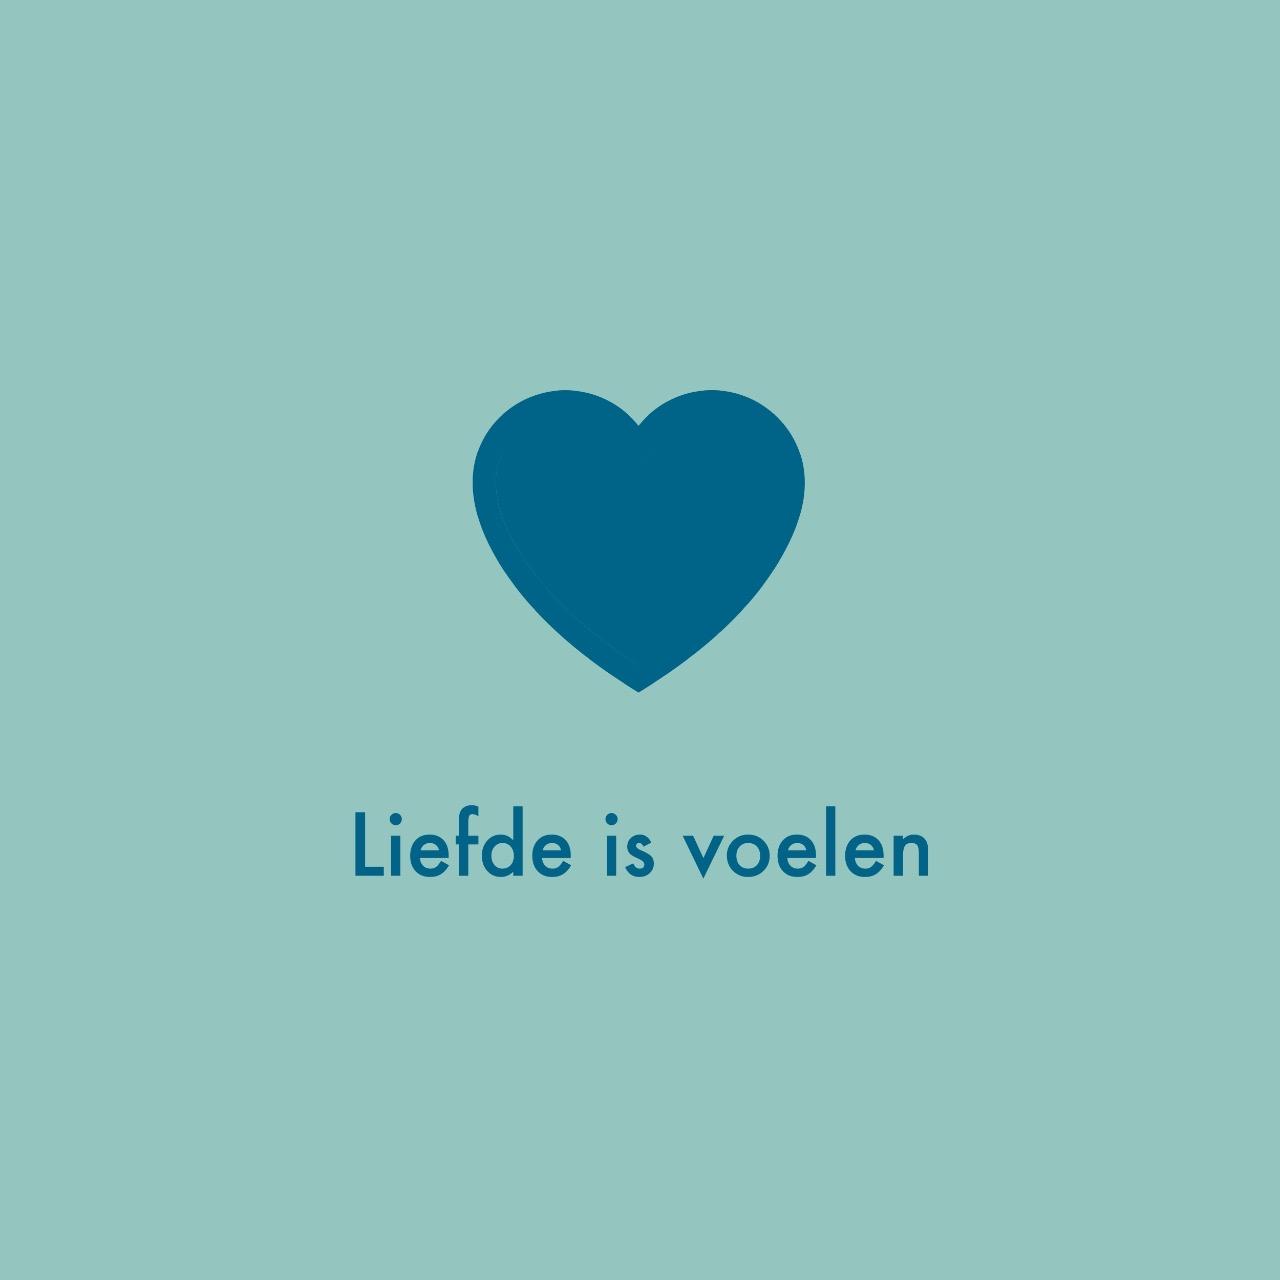 Liefde is voelen